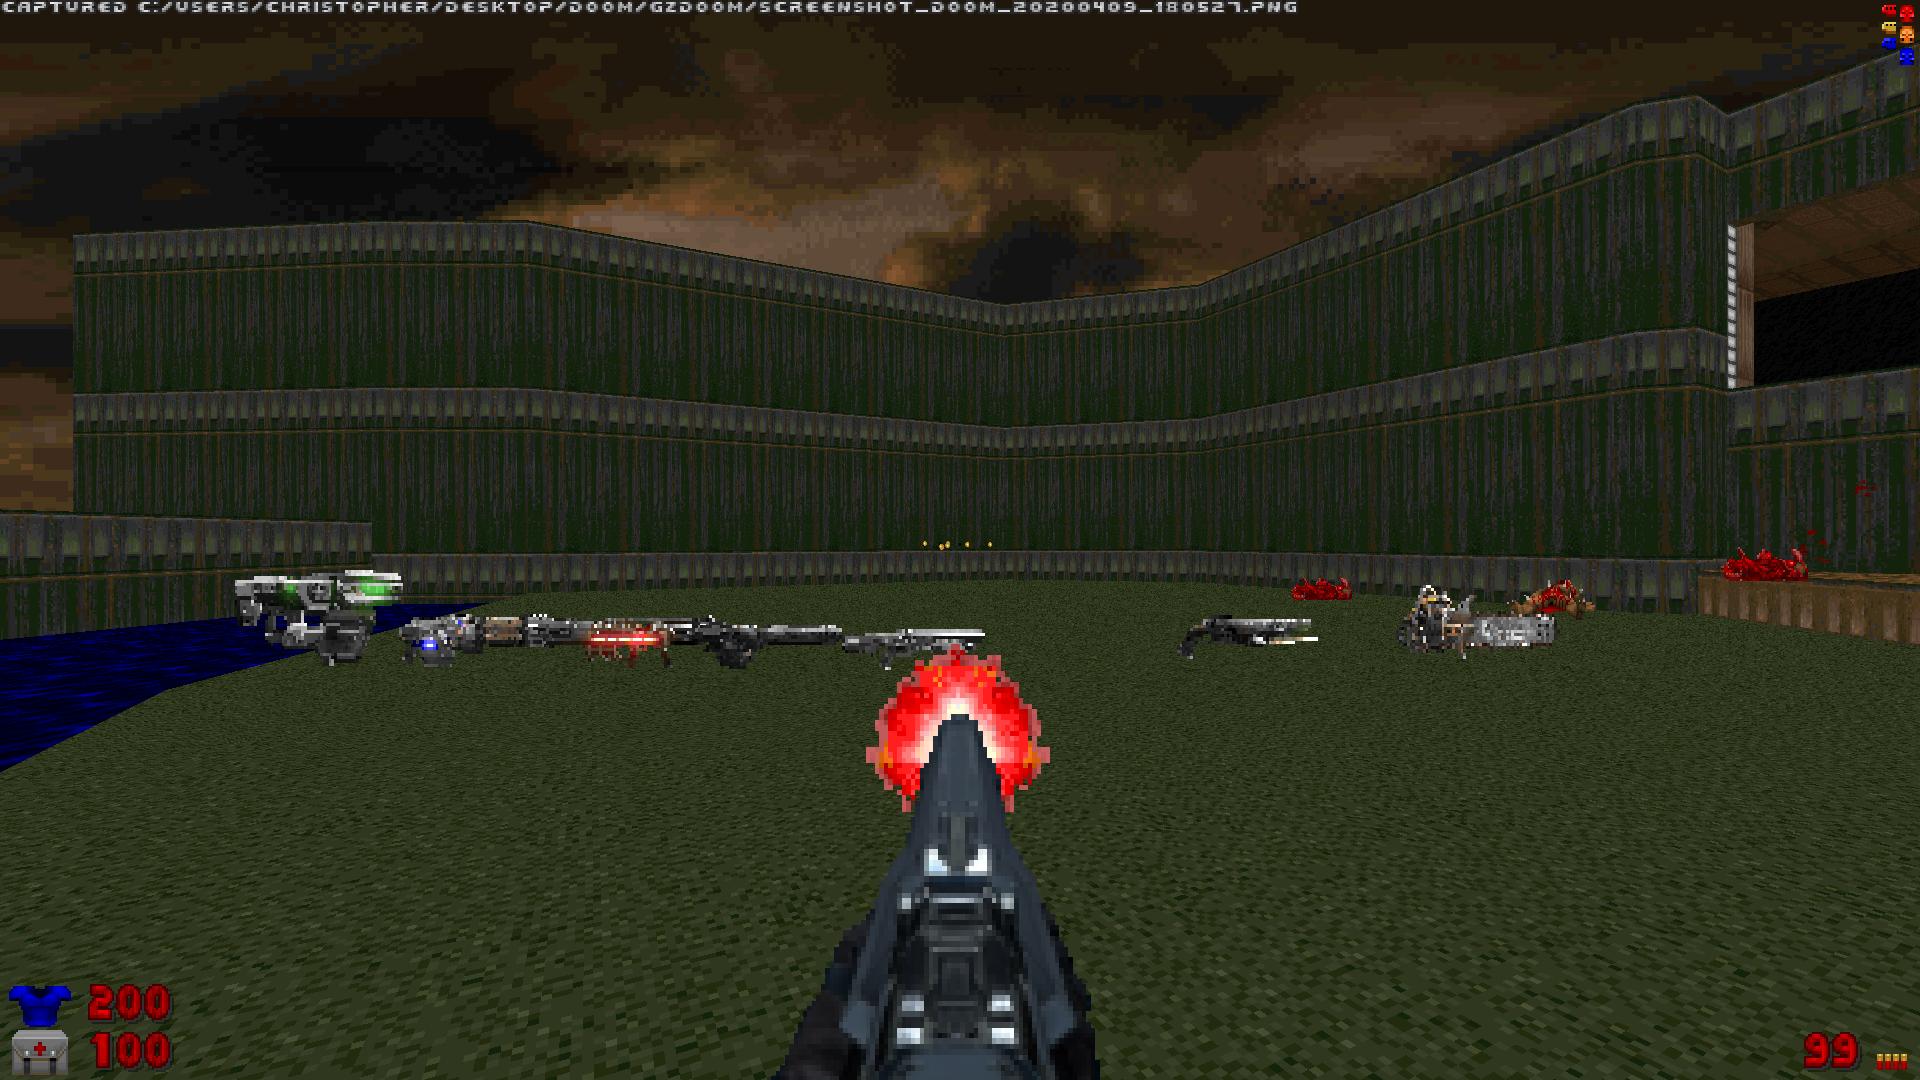 Screenshot_Doom_20200409_180529.png.a5605ddd5f04104ba7ac2ca4634f81a7.png